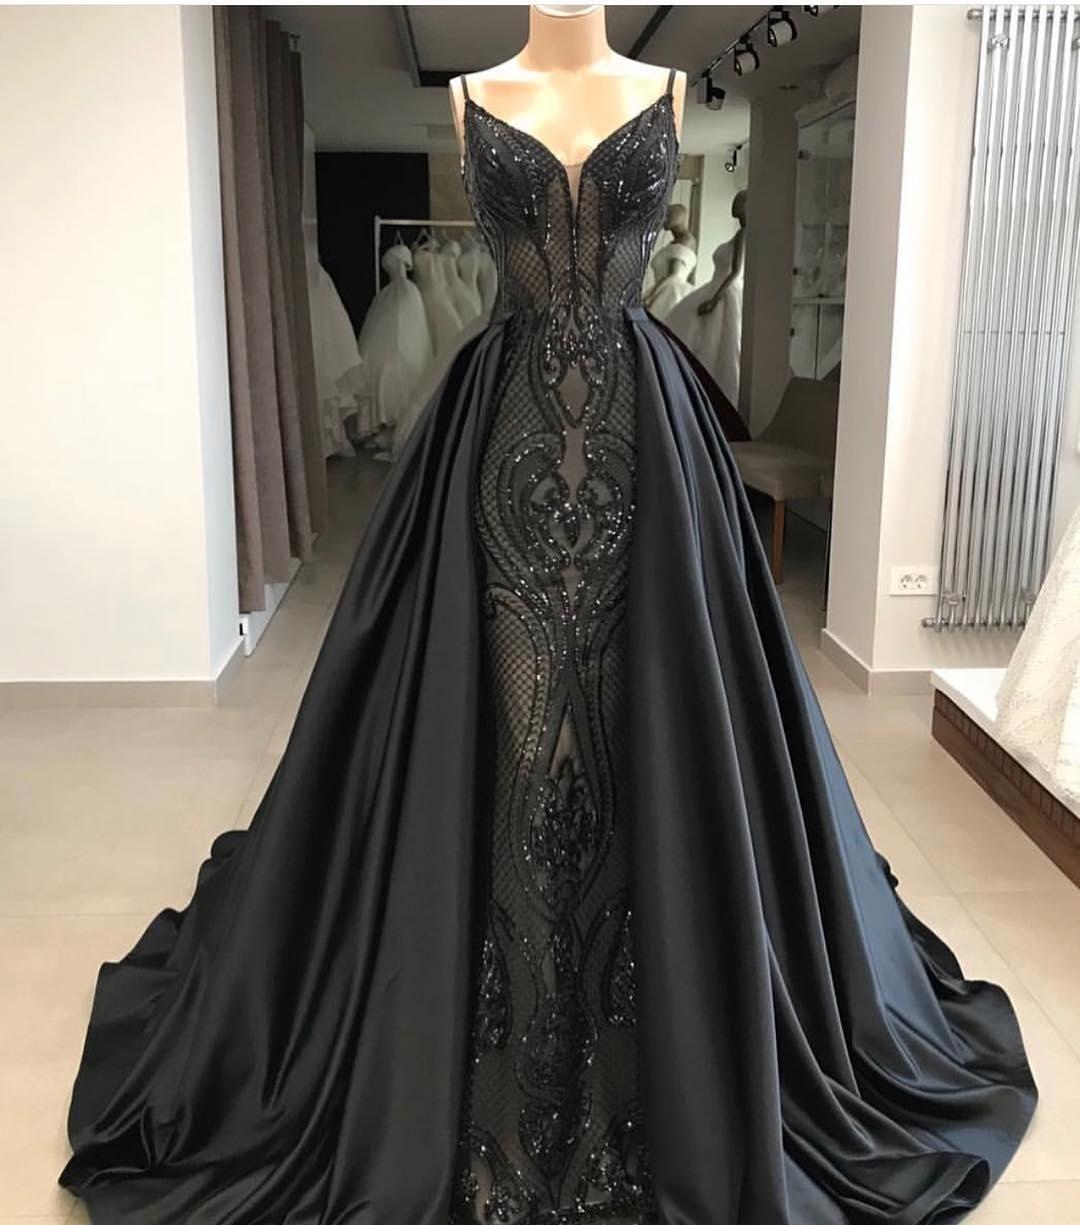 Großhandel Afrikanische Schwarze Abendkleider Marokkanischer Kaftan  Abnehmbare Rock Kleider Dubai Türkisch Arabisch Aibye Abendkleid  Abendkleider Von